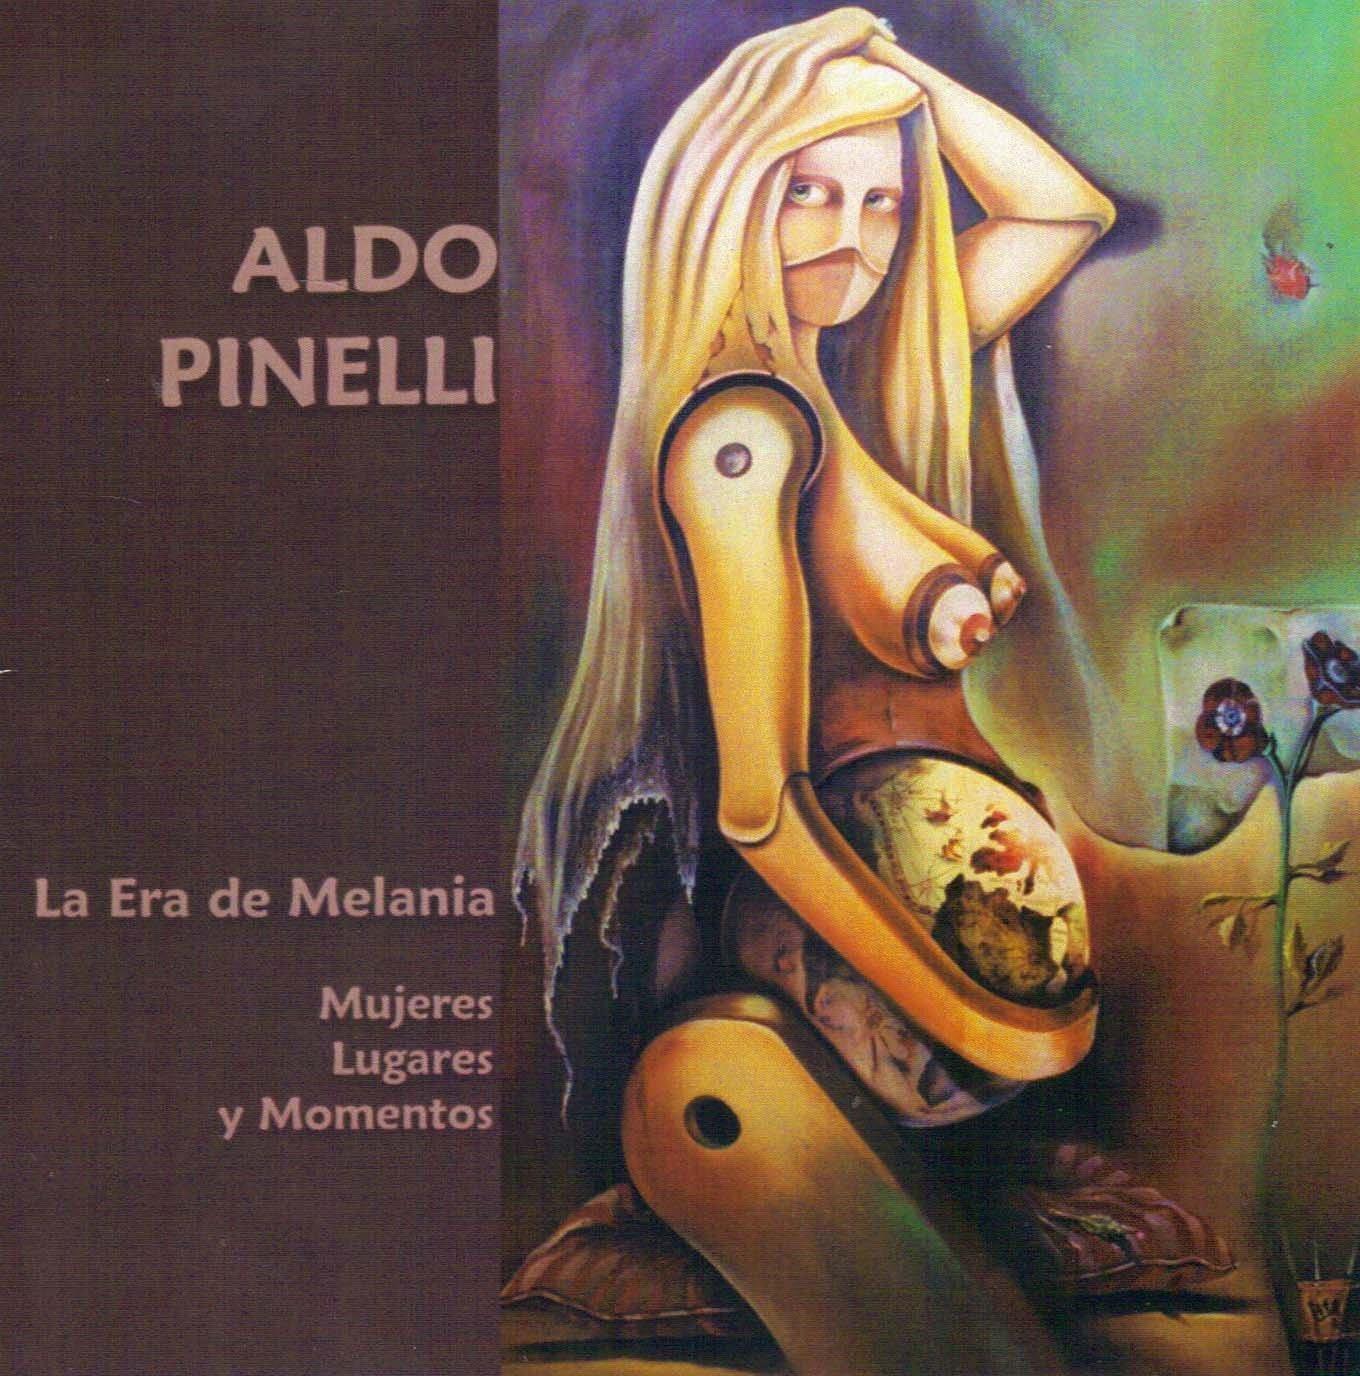 Aldo Pinelli — La Era De Melania - Mujeres, Lugares y Momentos